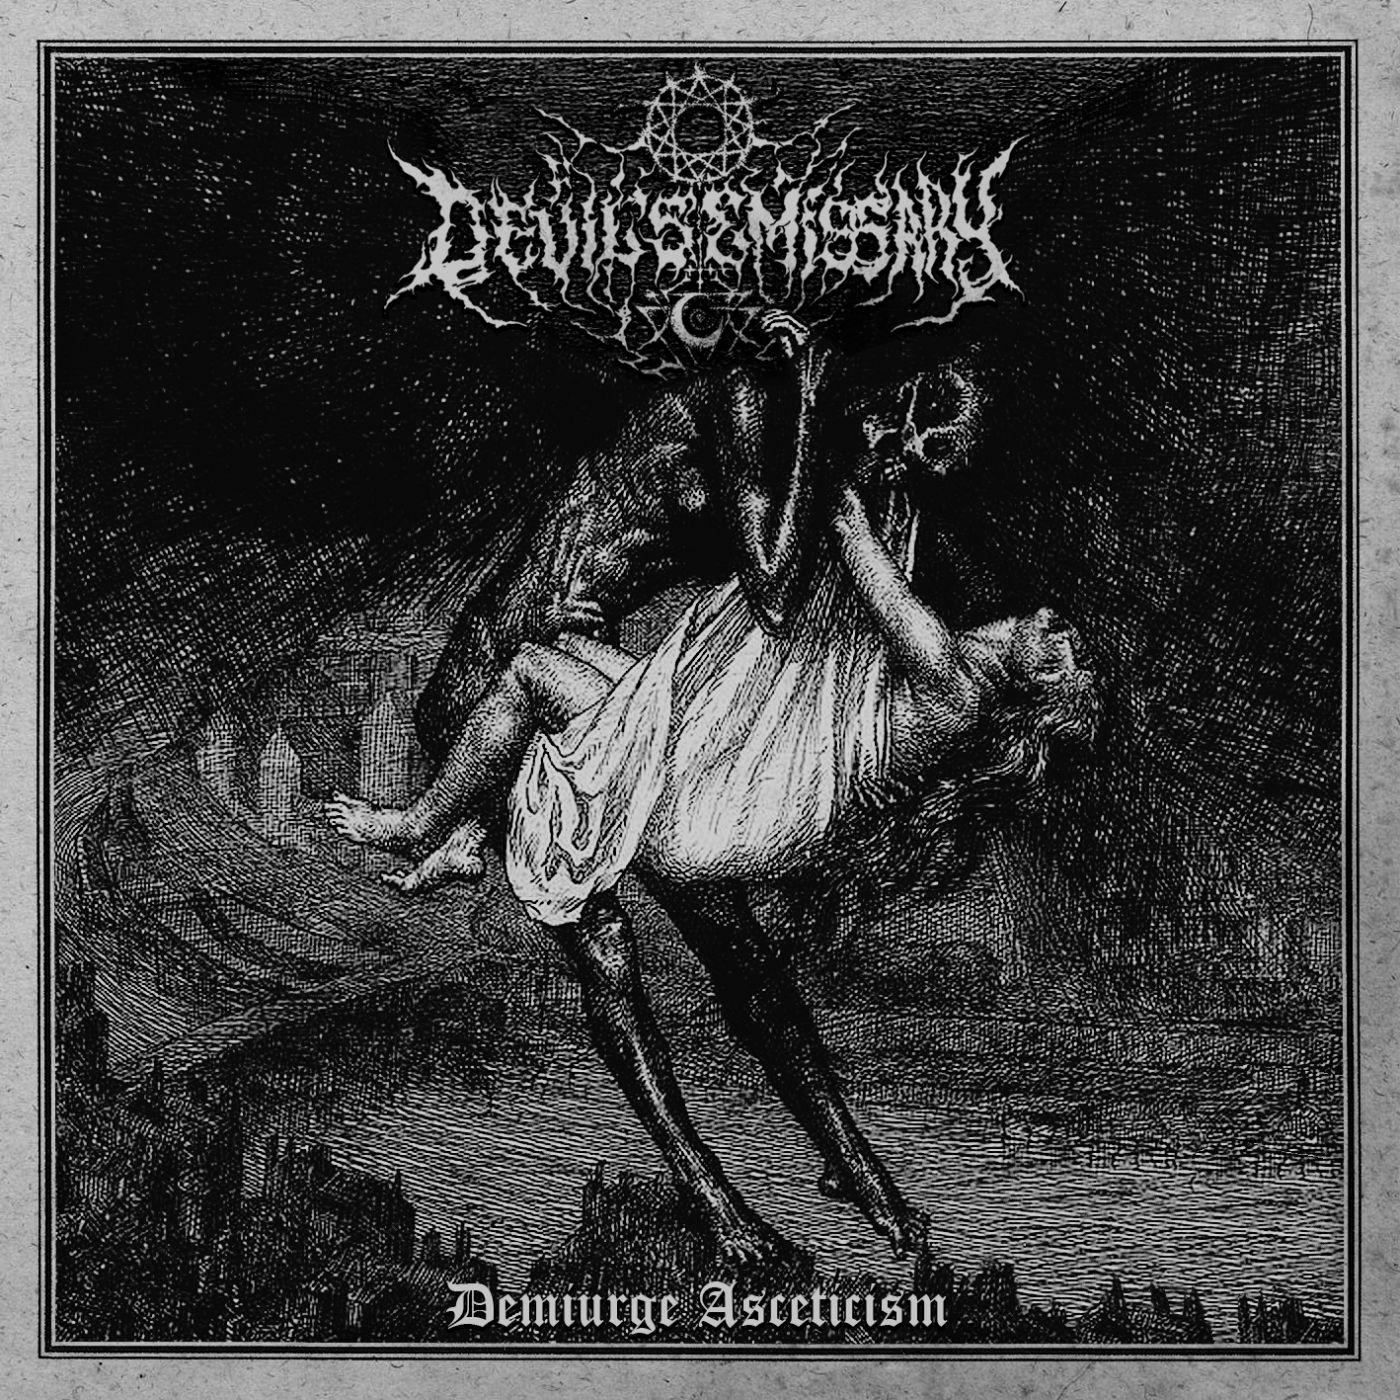 Devil's Emissary - Demiurge Asceticism